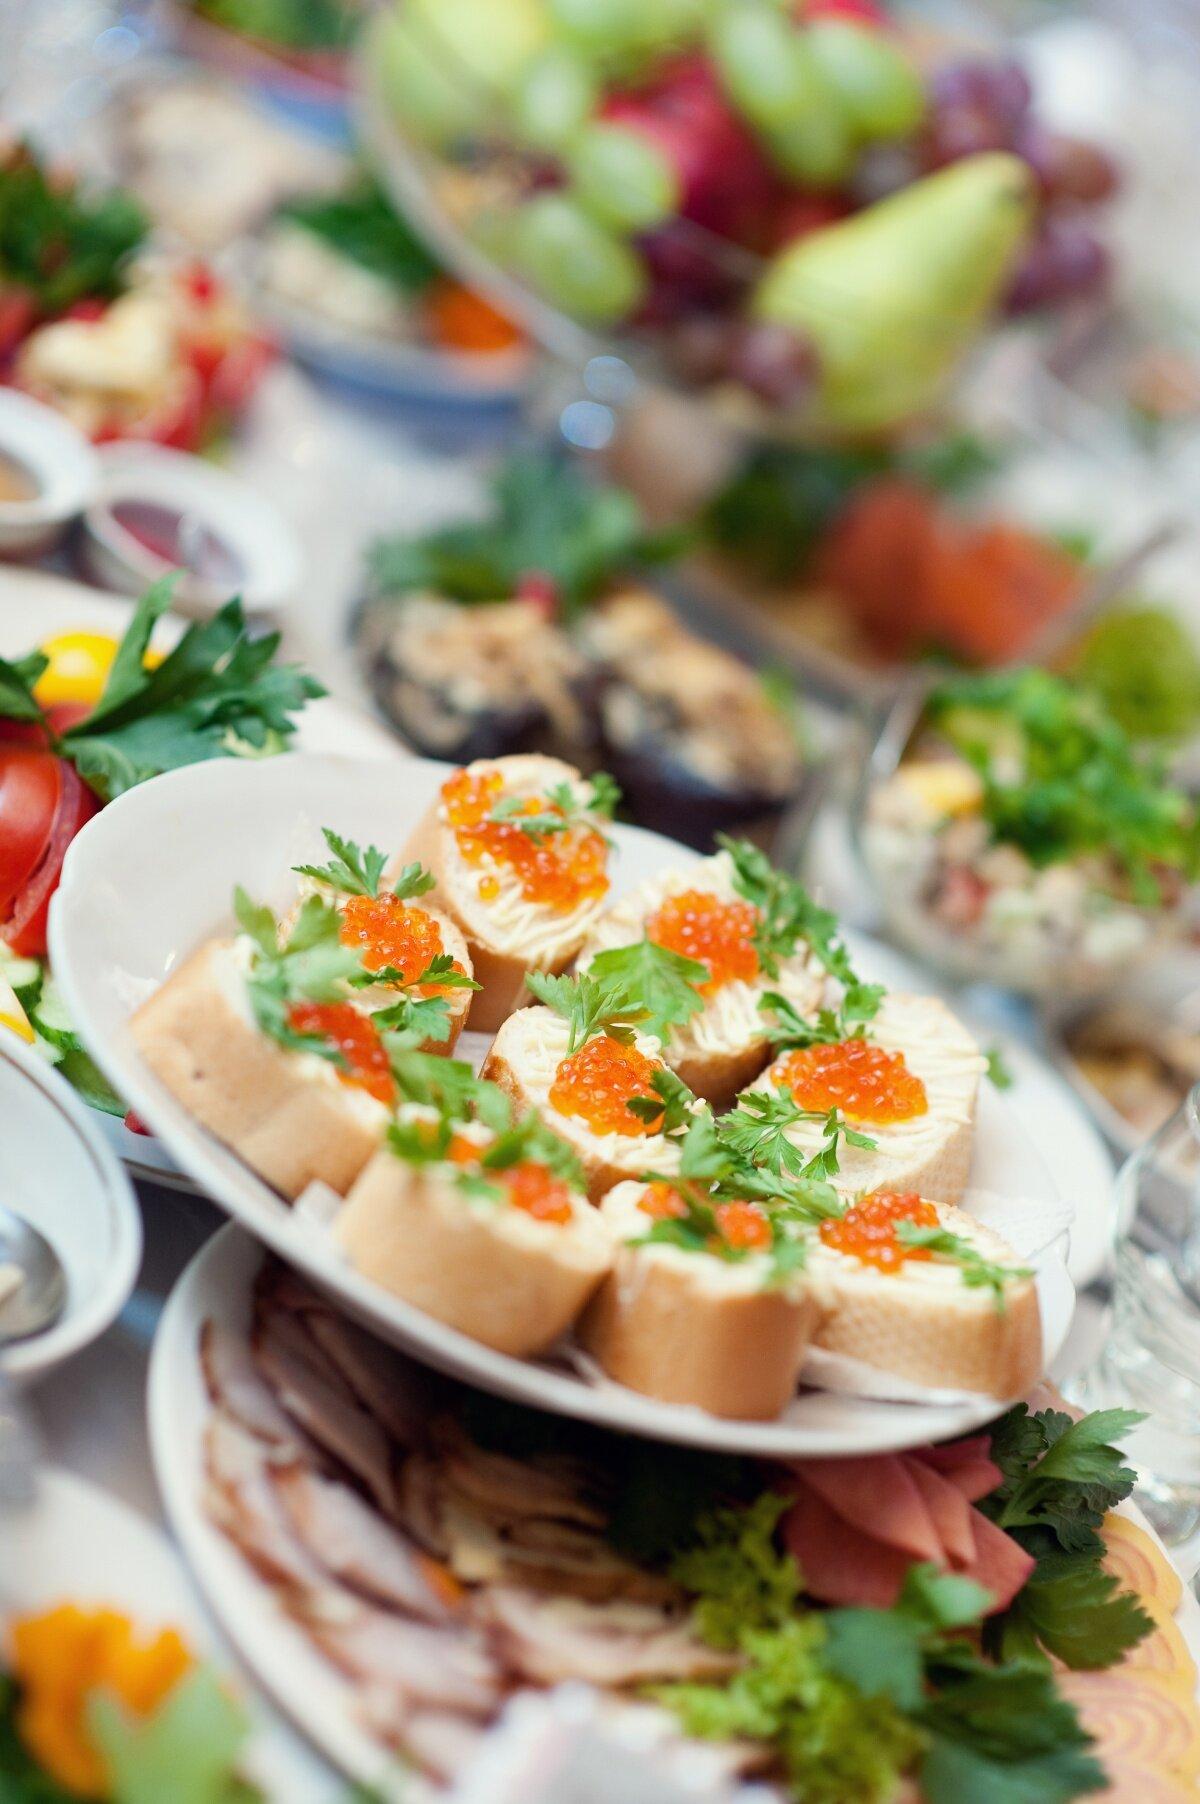 нурбек рецепты блюд для юбилея свадьбы с фото можно подчеркнуть центральную